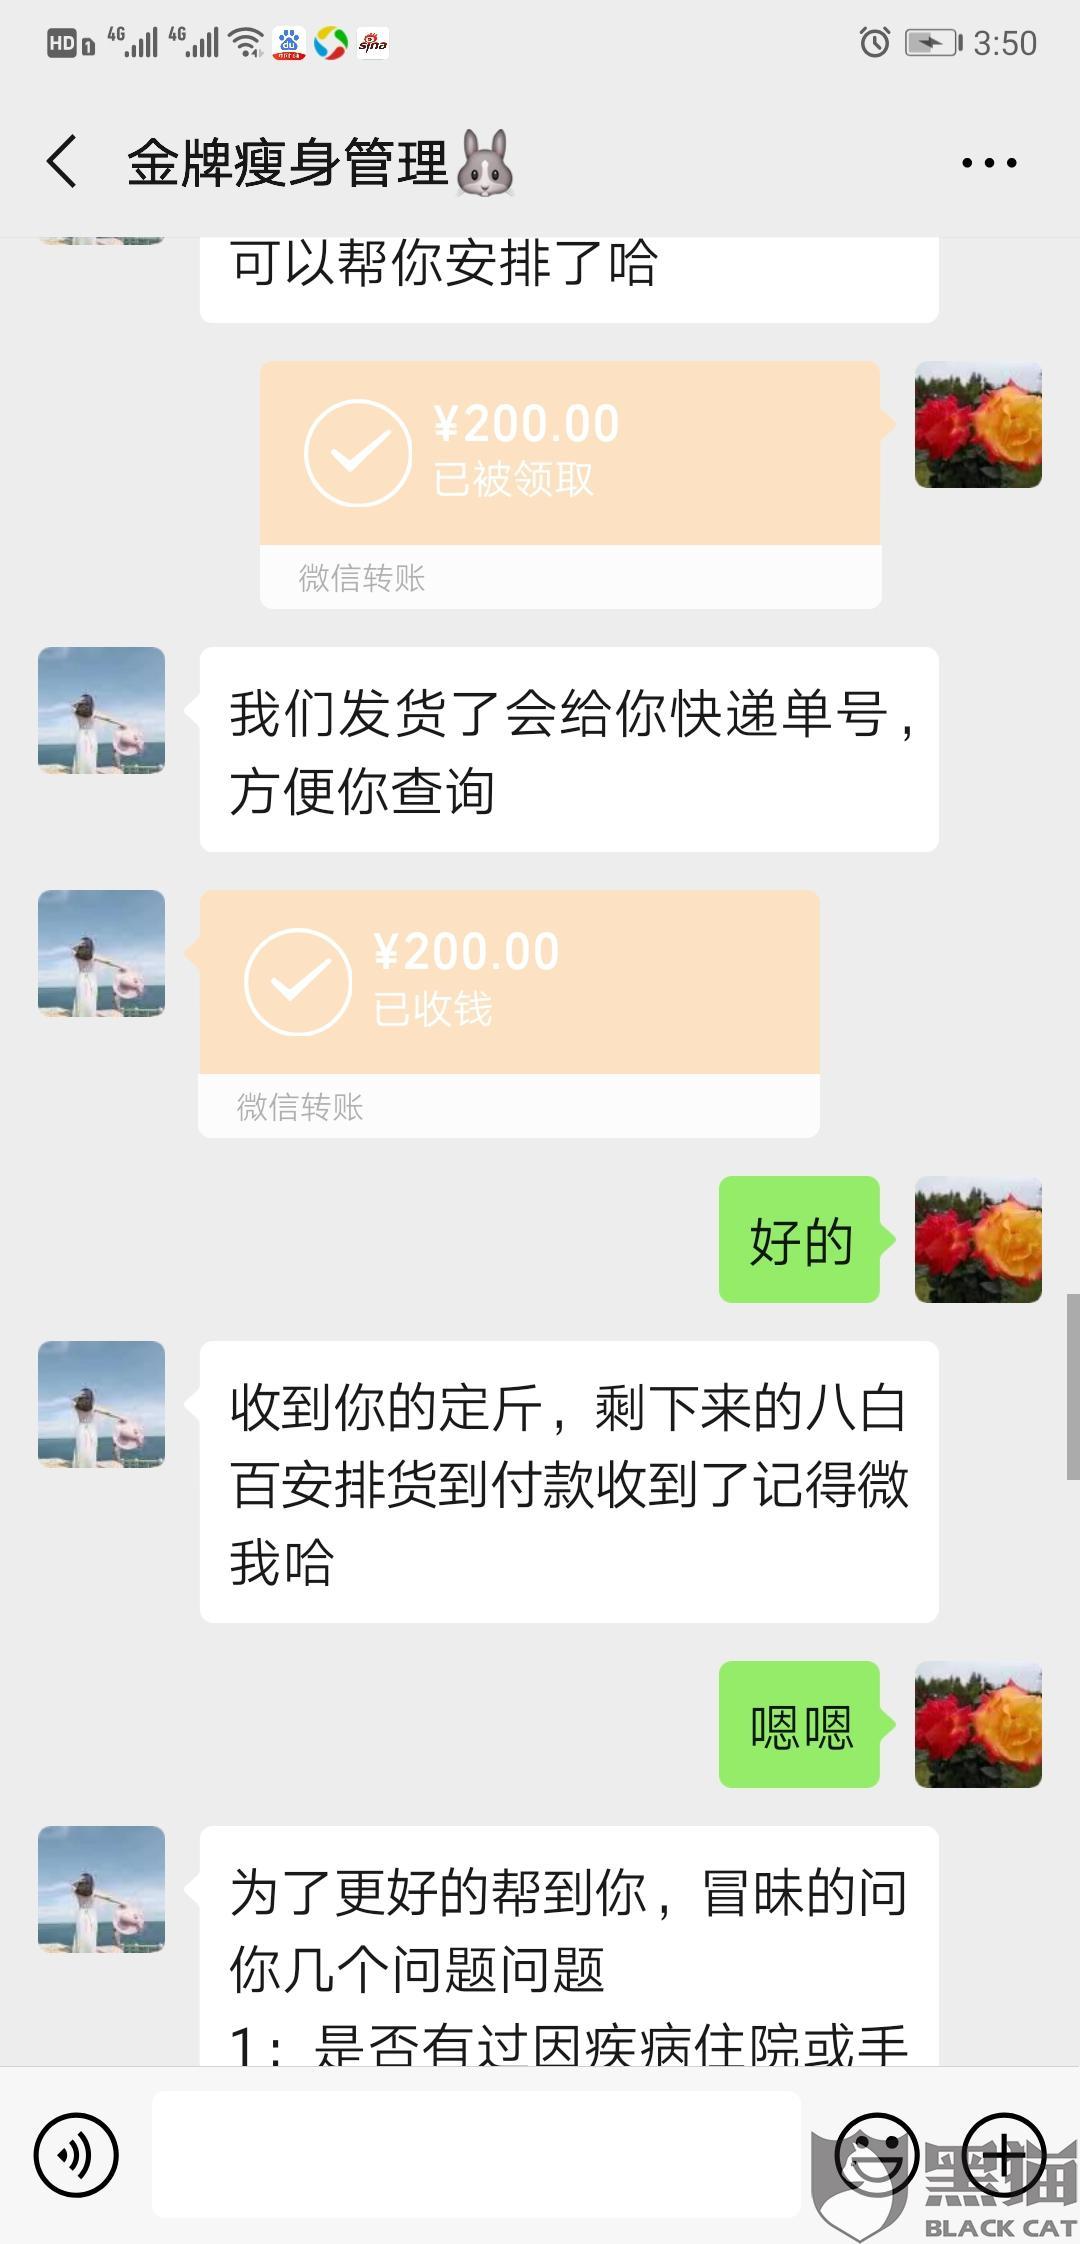 黑猫投诉:倩狐减肥(湖南汇富康达健康管理有限公司)诱骗哄骗套路消费者,要求全额退款。